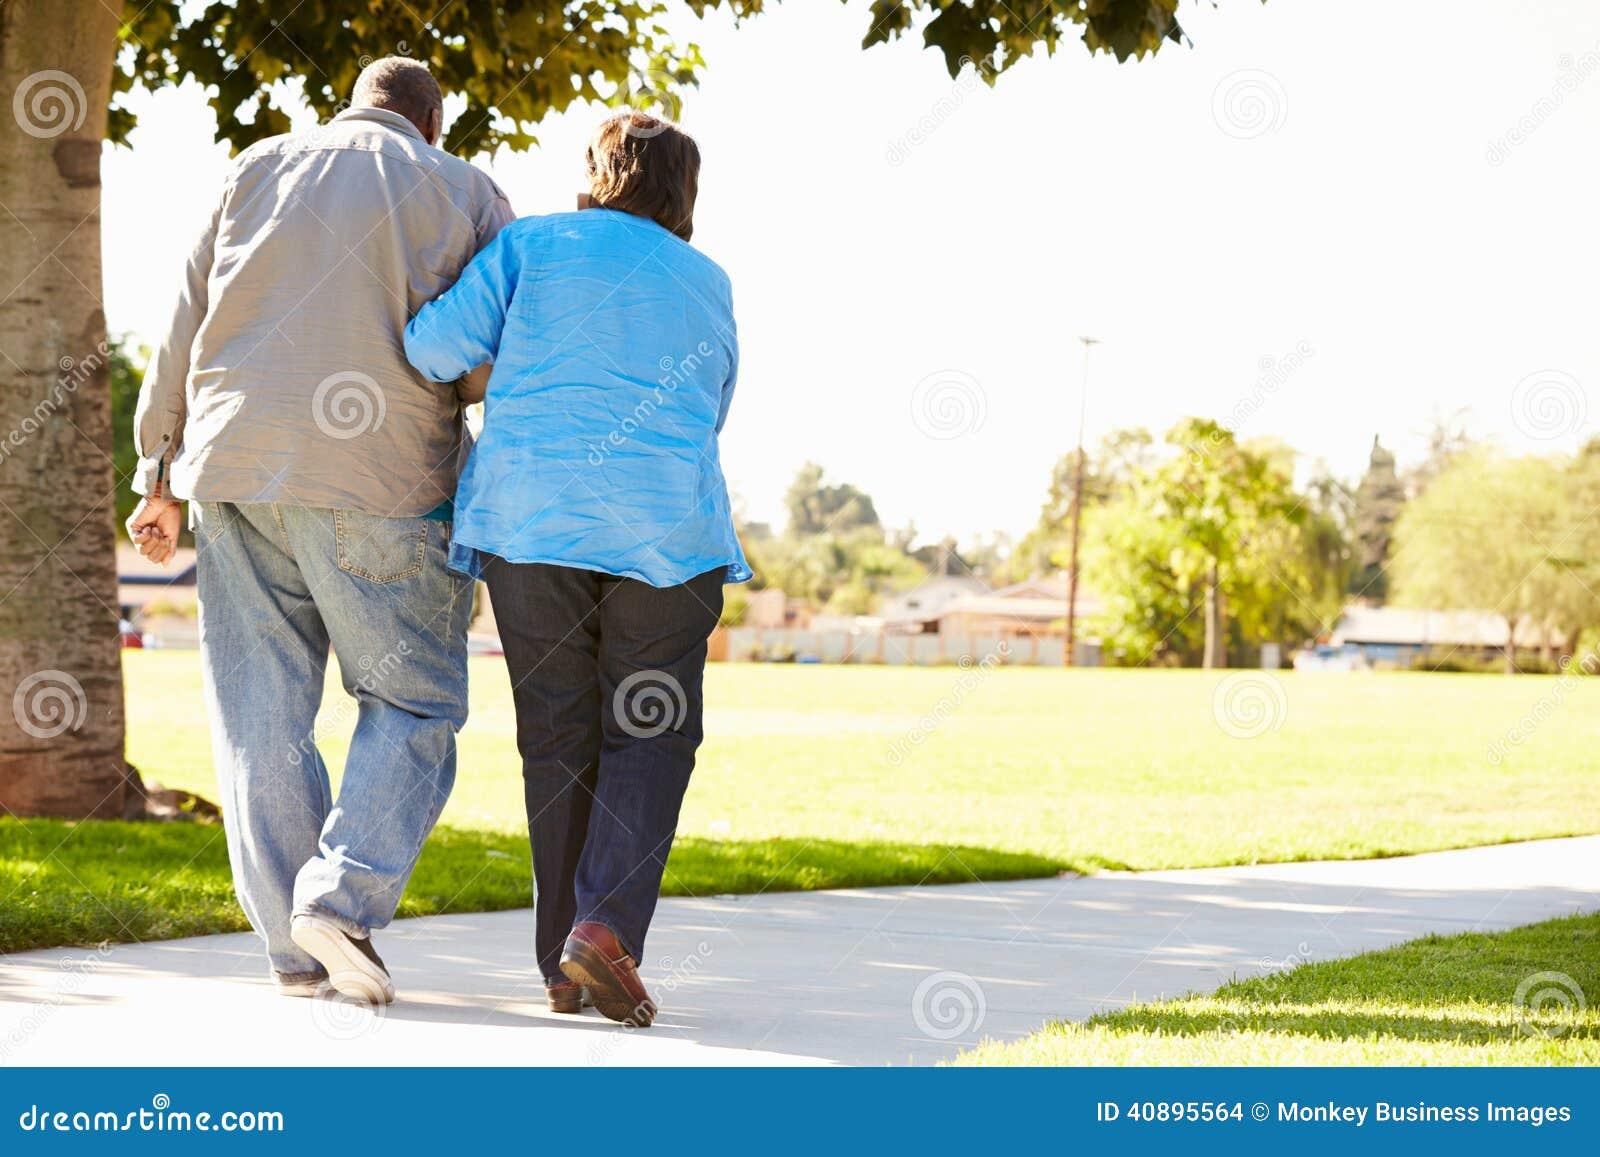 Starszej kobiety Pomaga mąż Gdy Chodzą W parku Wpólnie